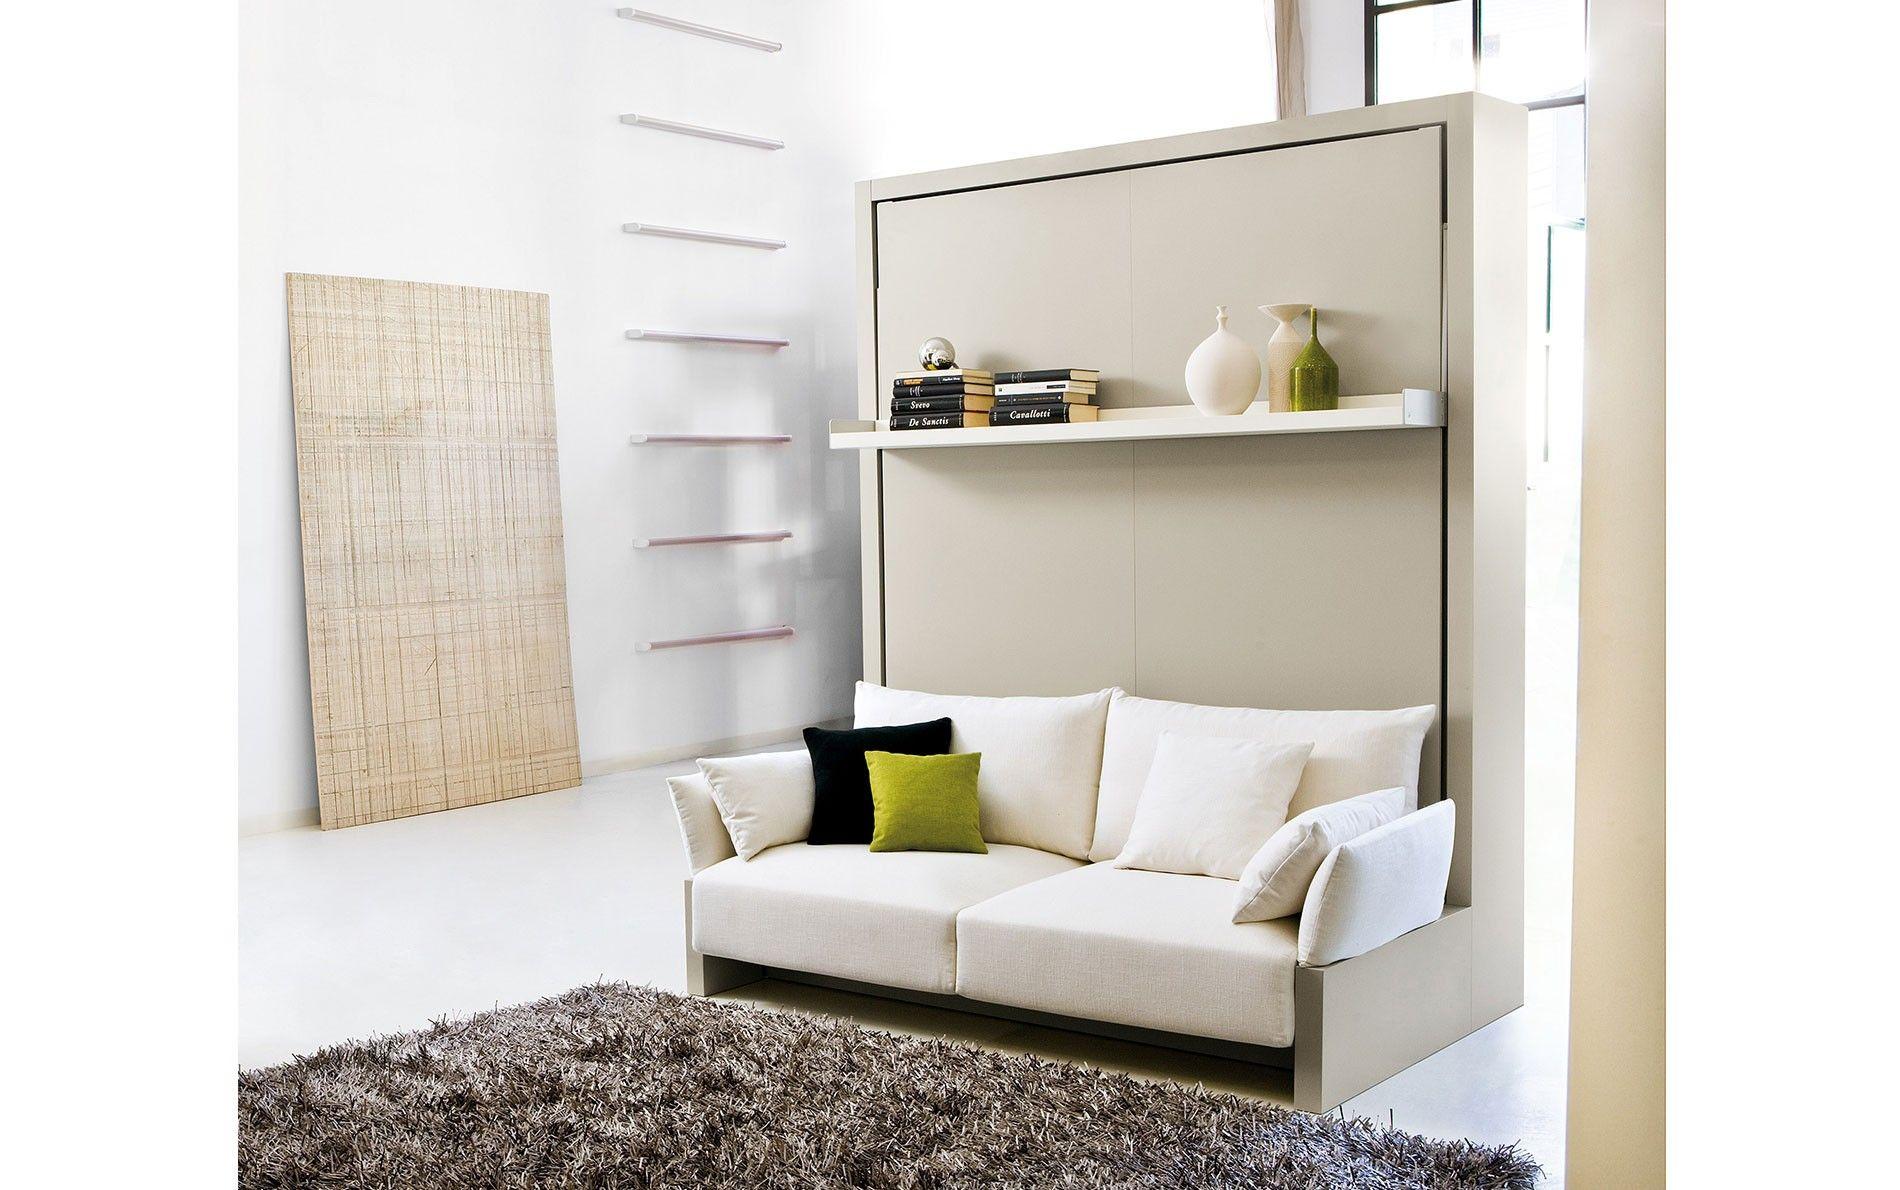 clei schrankbett & sofa nuovoliola hochgeklappt | muebles | pinterest